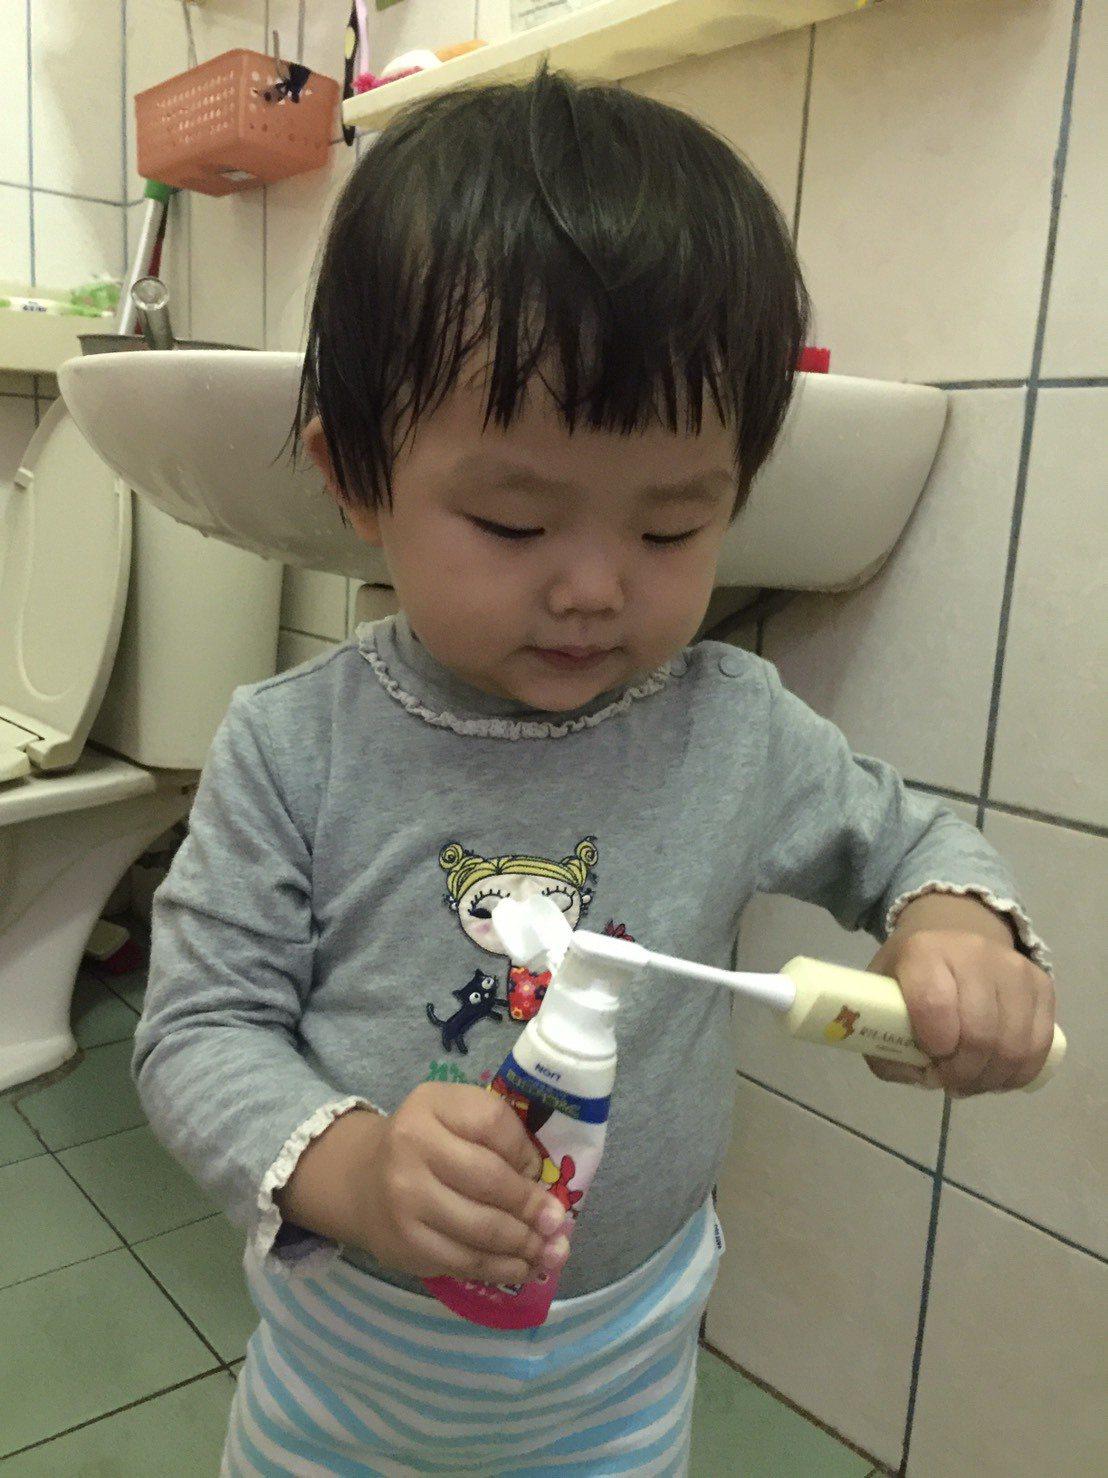 市售兒童牙膏含氟量多在500ppm左右,醫師認為兒童牙膏的含氟量也應該要達到10...